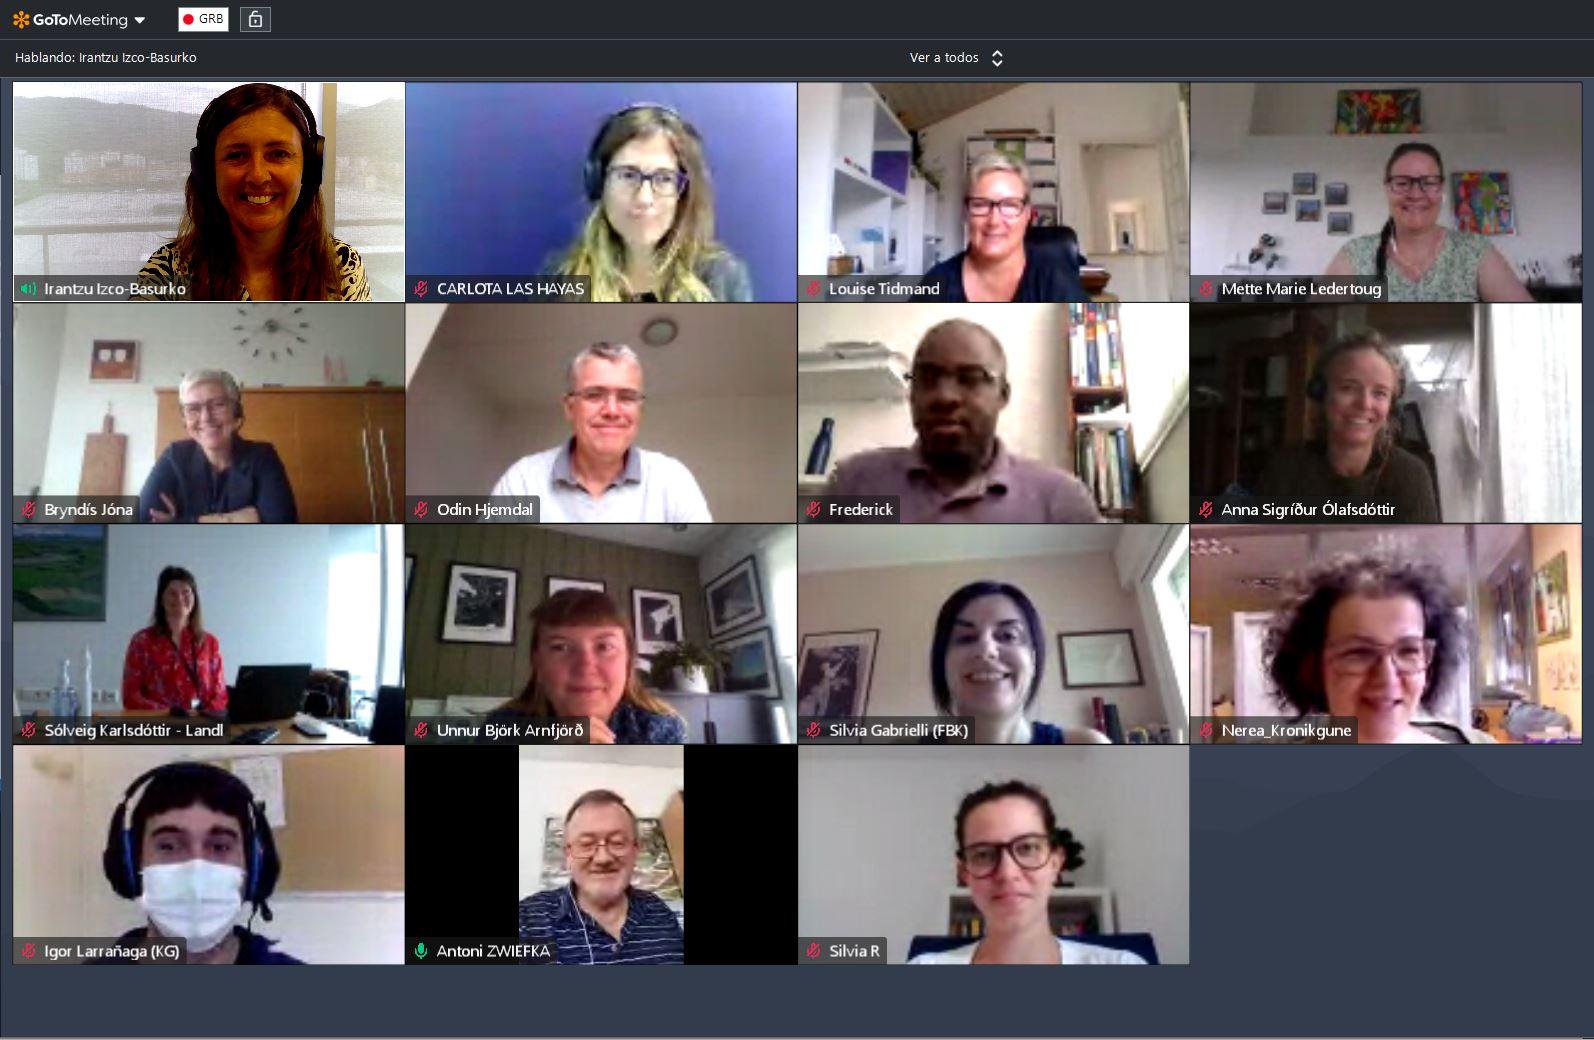 6th consortium meeting